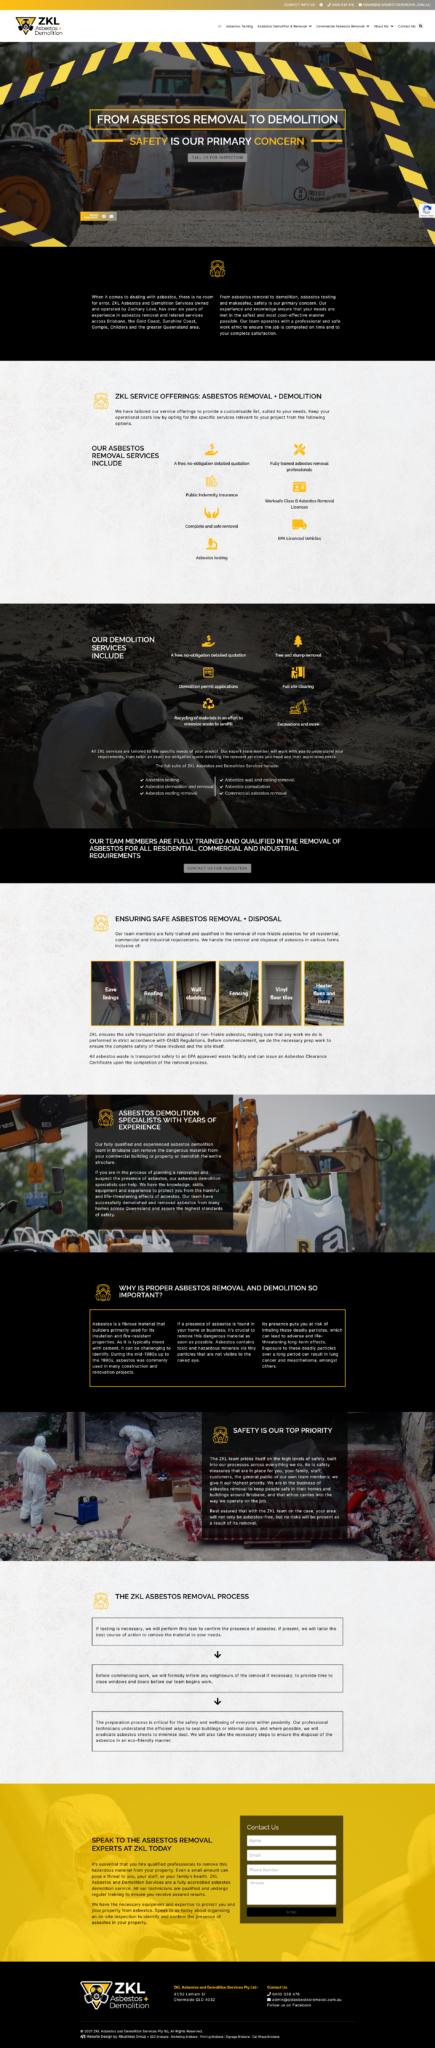 ZKL Asbestos and Demolition: Desktop View